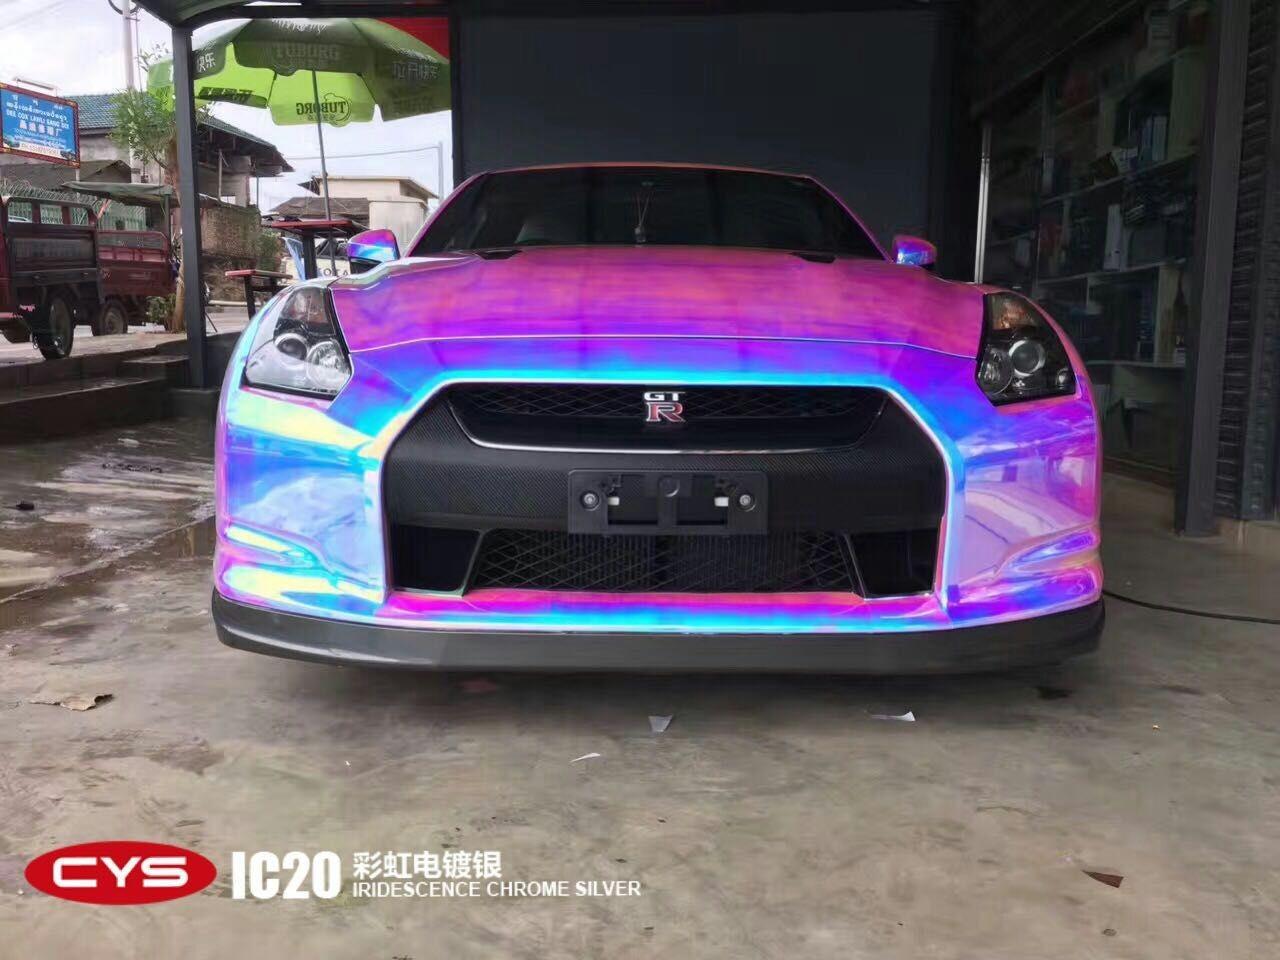 四川CYS 日产GTR彩虹电镀银汽车改色